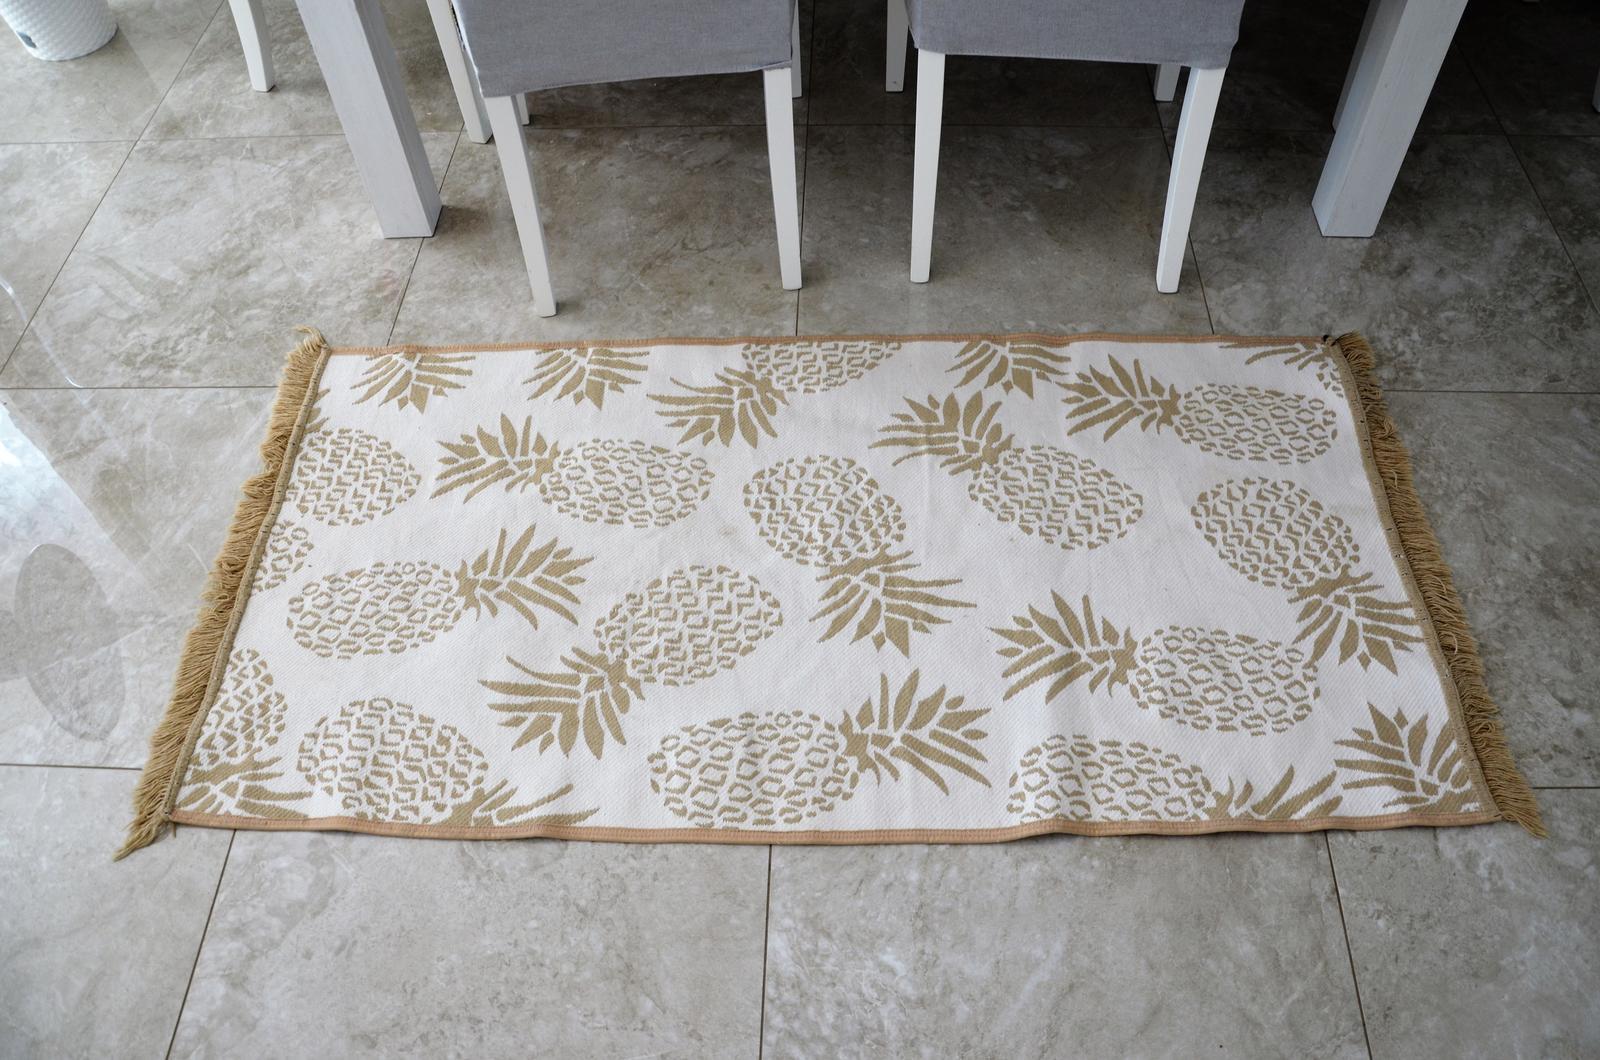 obojstranný koberec-156x75cm - Obrázok č. 1